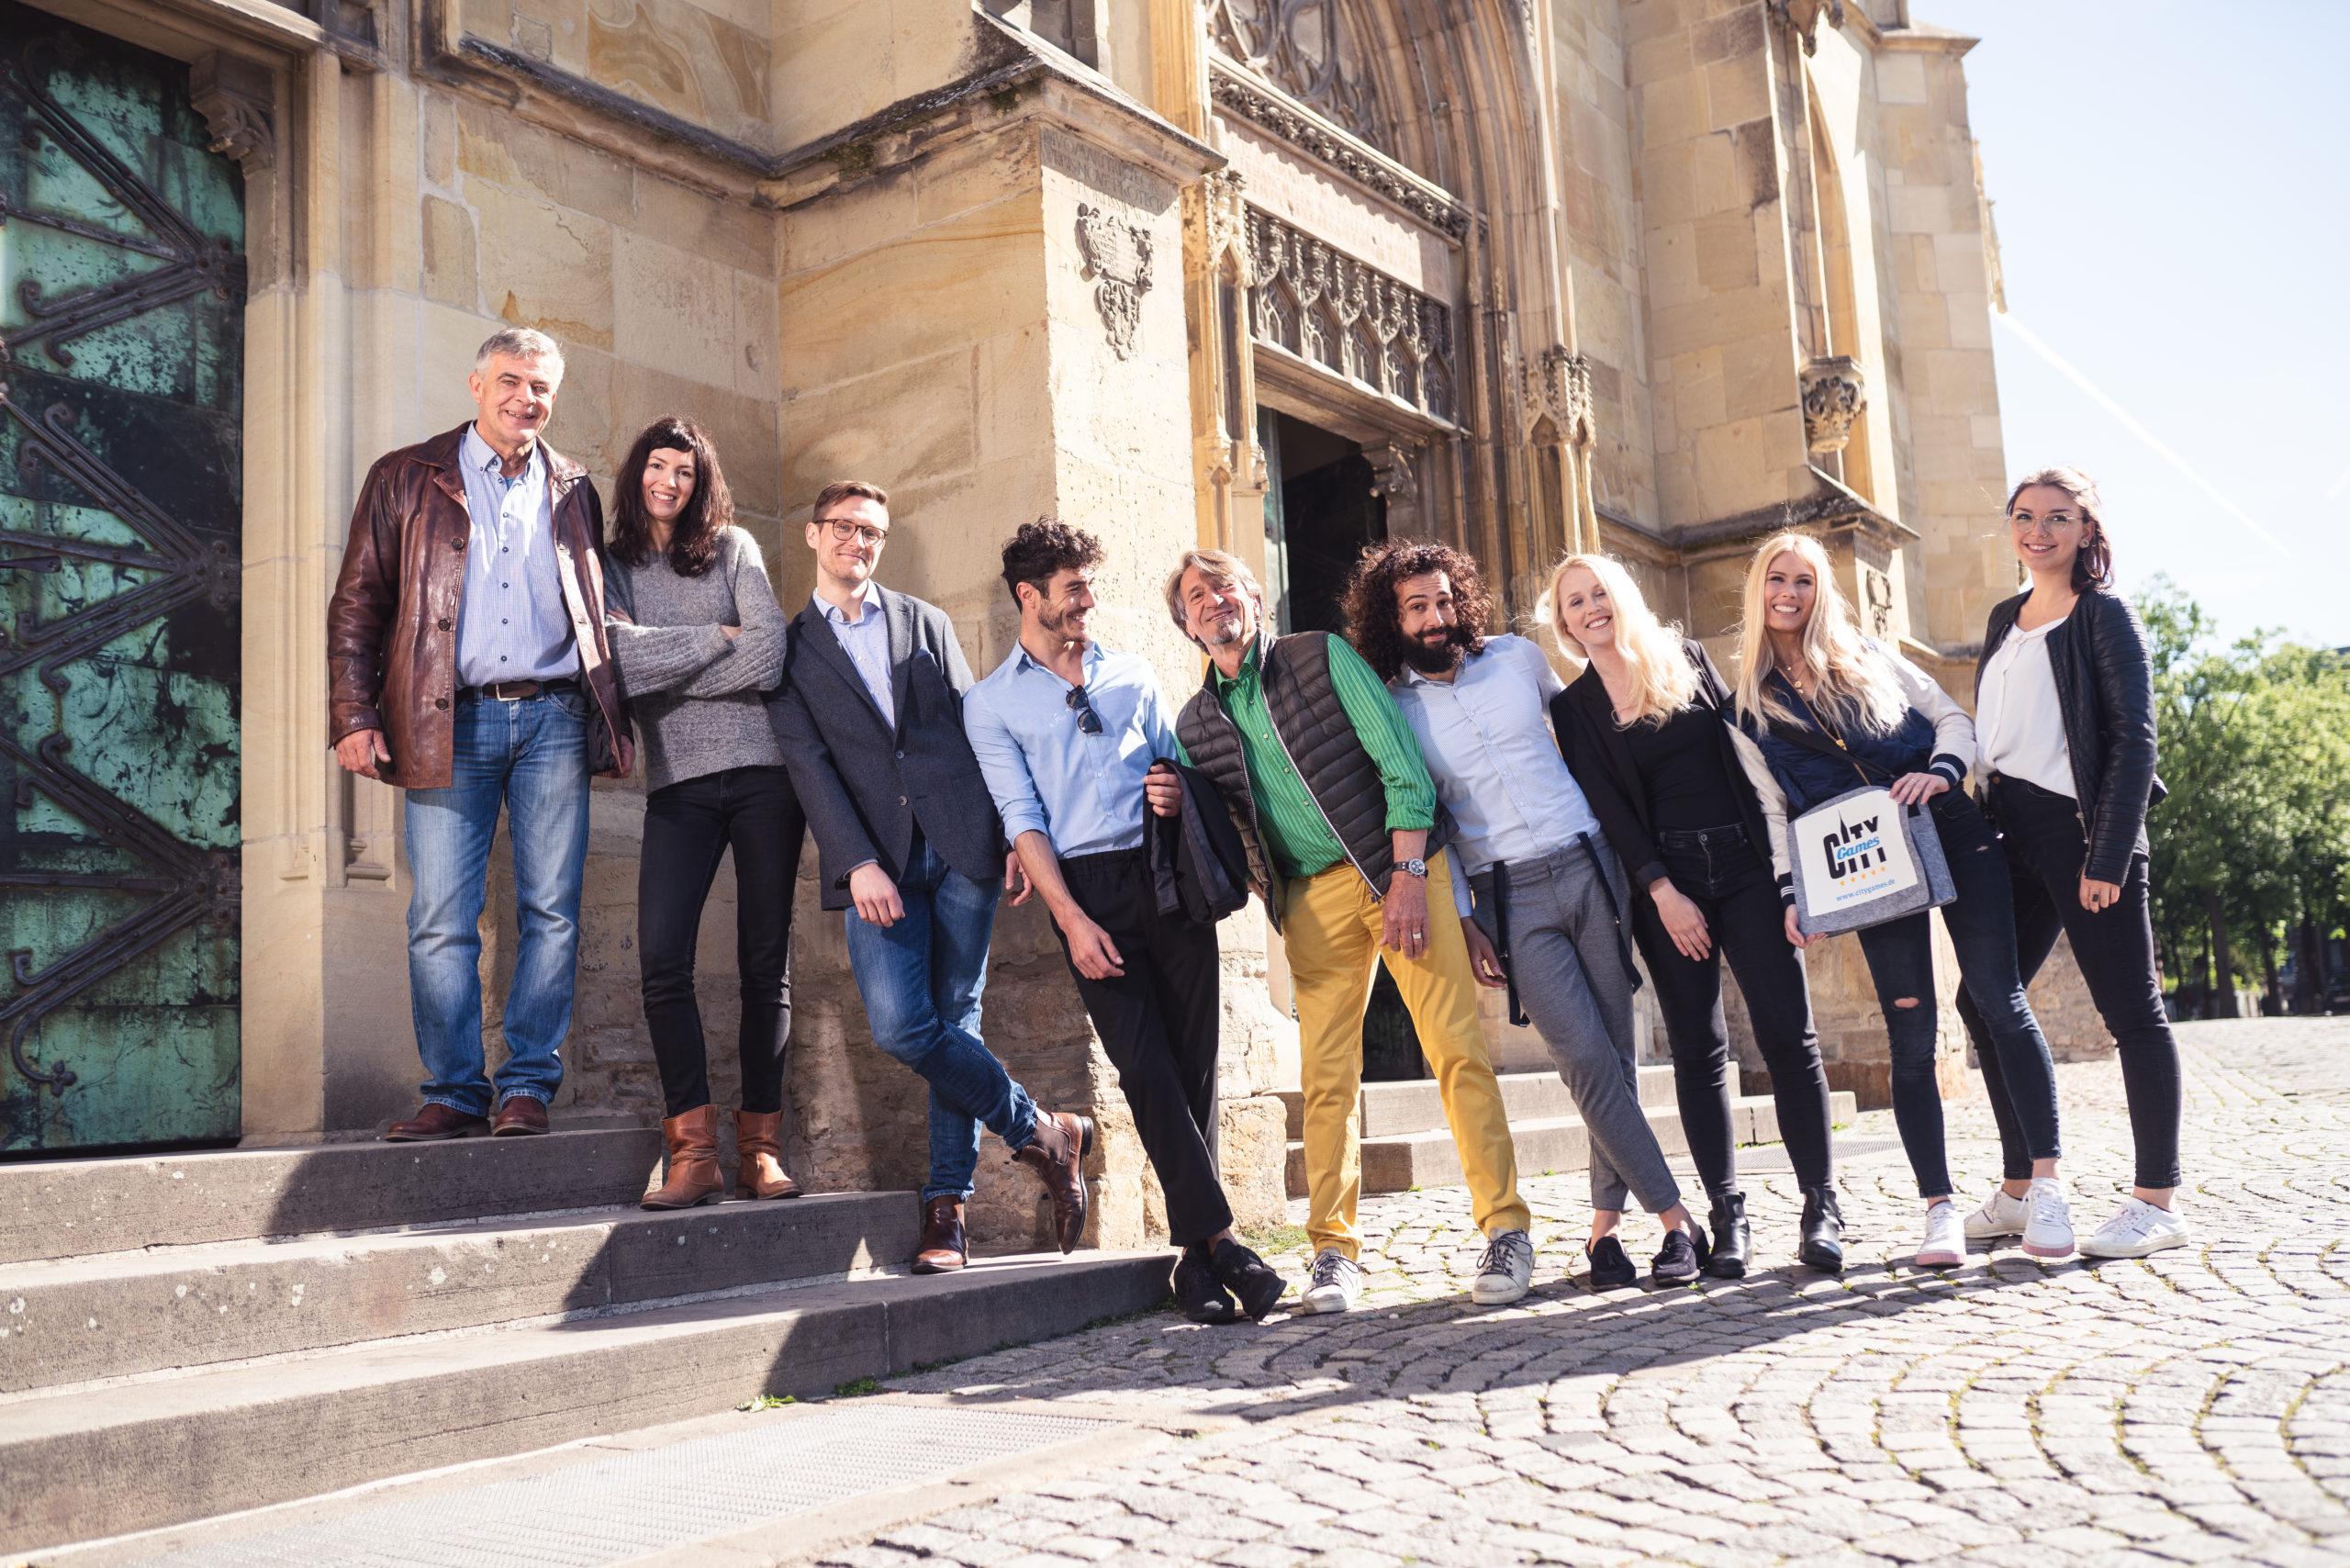 CityGames Dresden Firmen Team Pro Tour: Firmengruppe